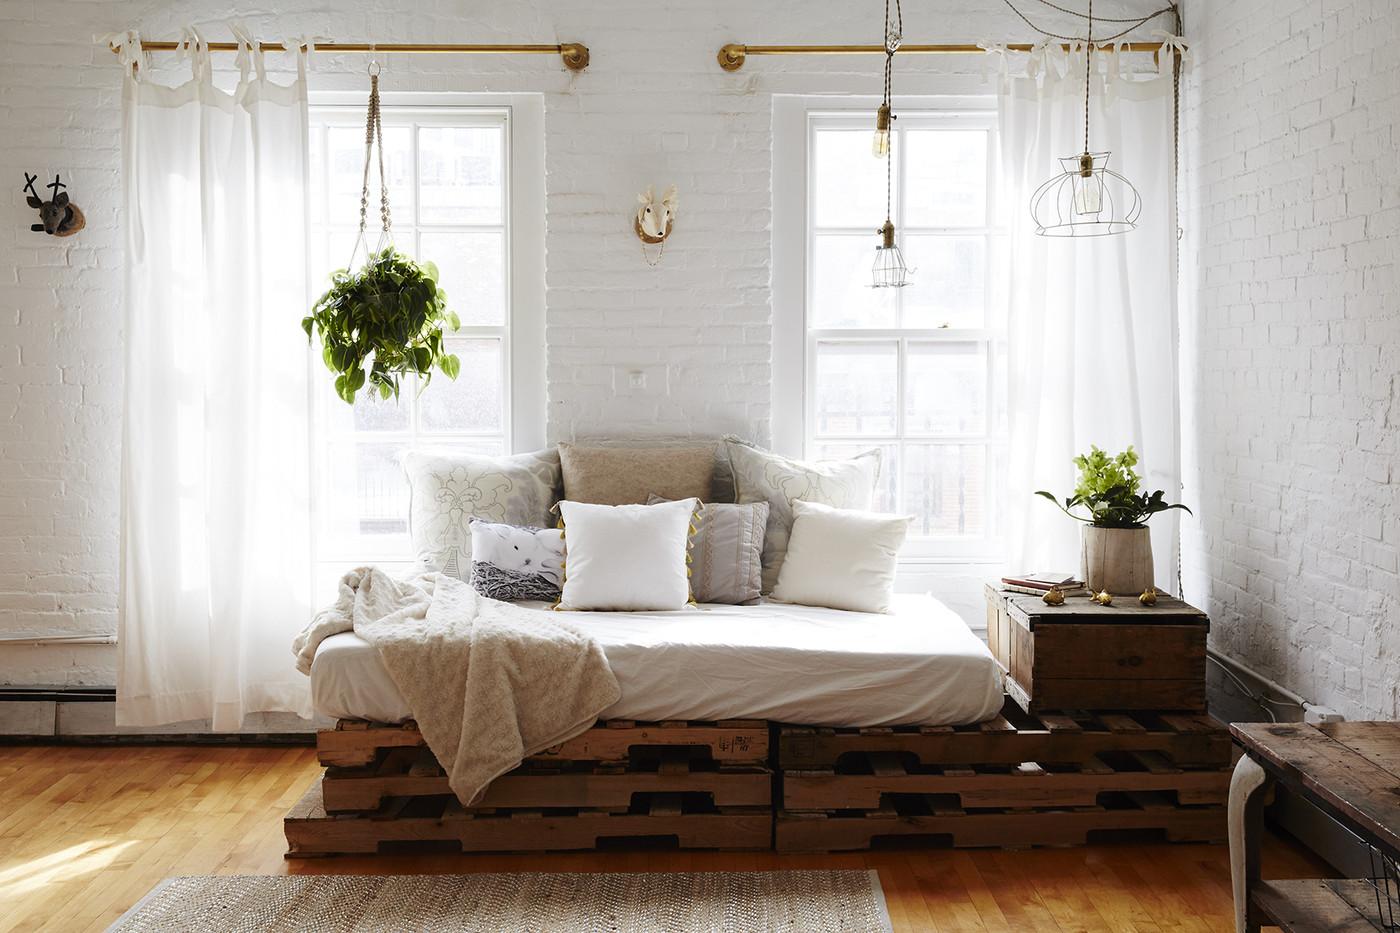 Rustikt vardagsrum i källaren.  Källa: Lonny.com